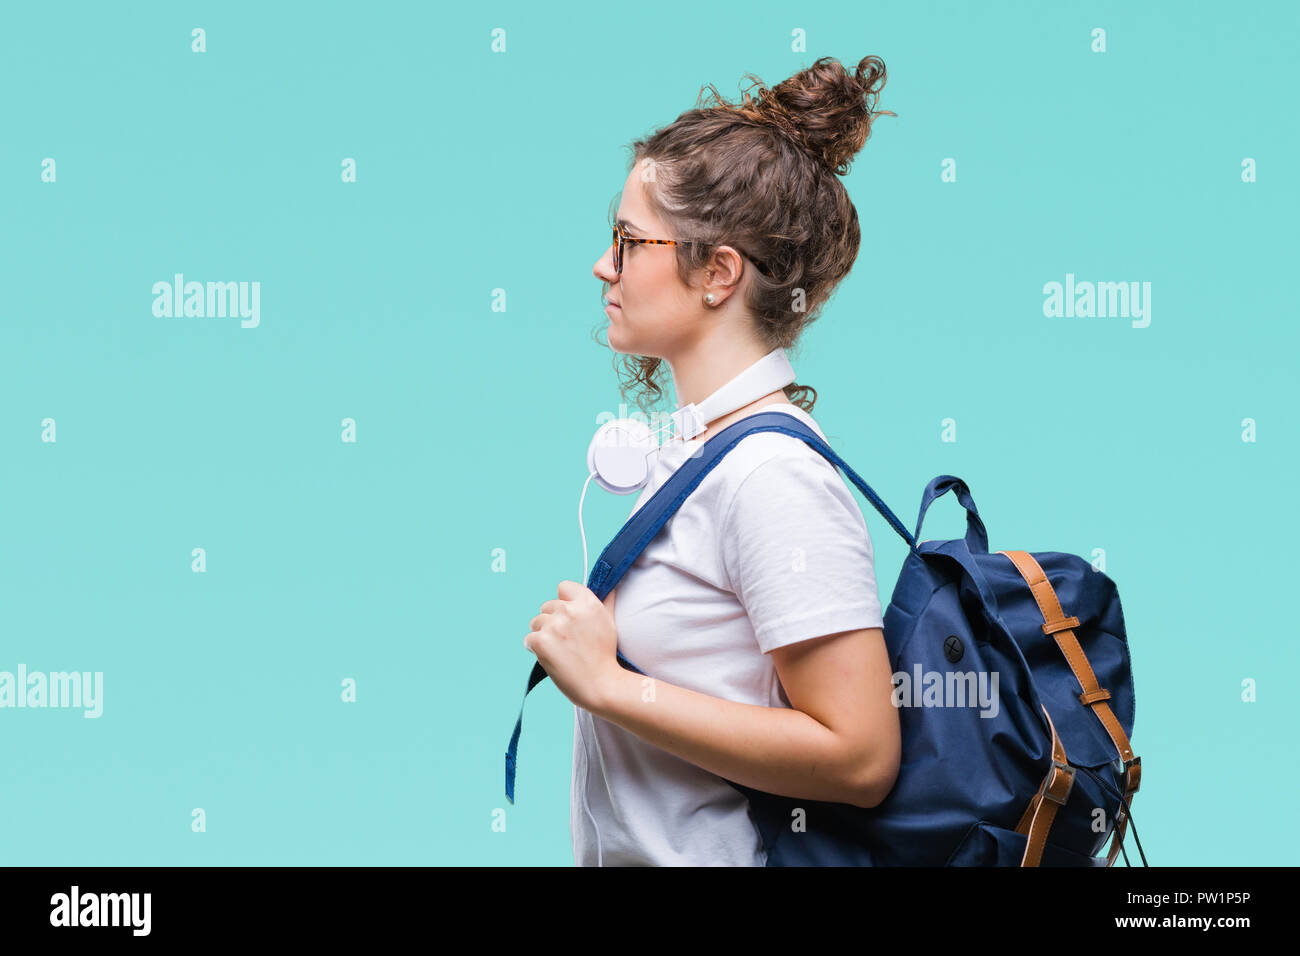 Bruna giovane studente ragazza indossando uno zaino e cuffie su sfondo  isolato guardando al lato 4eafe7e4b625